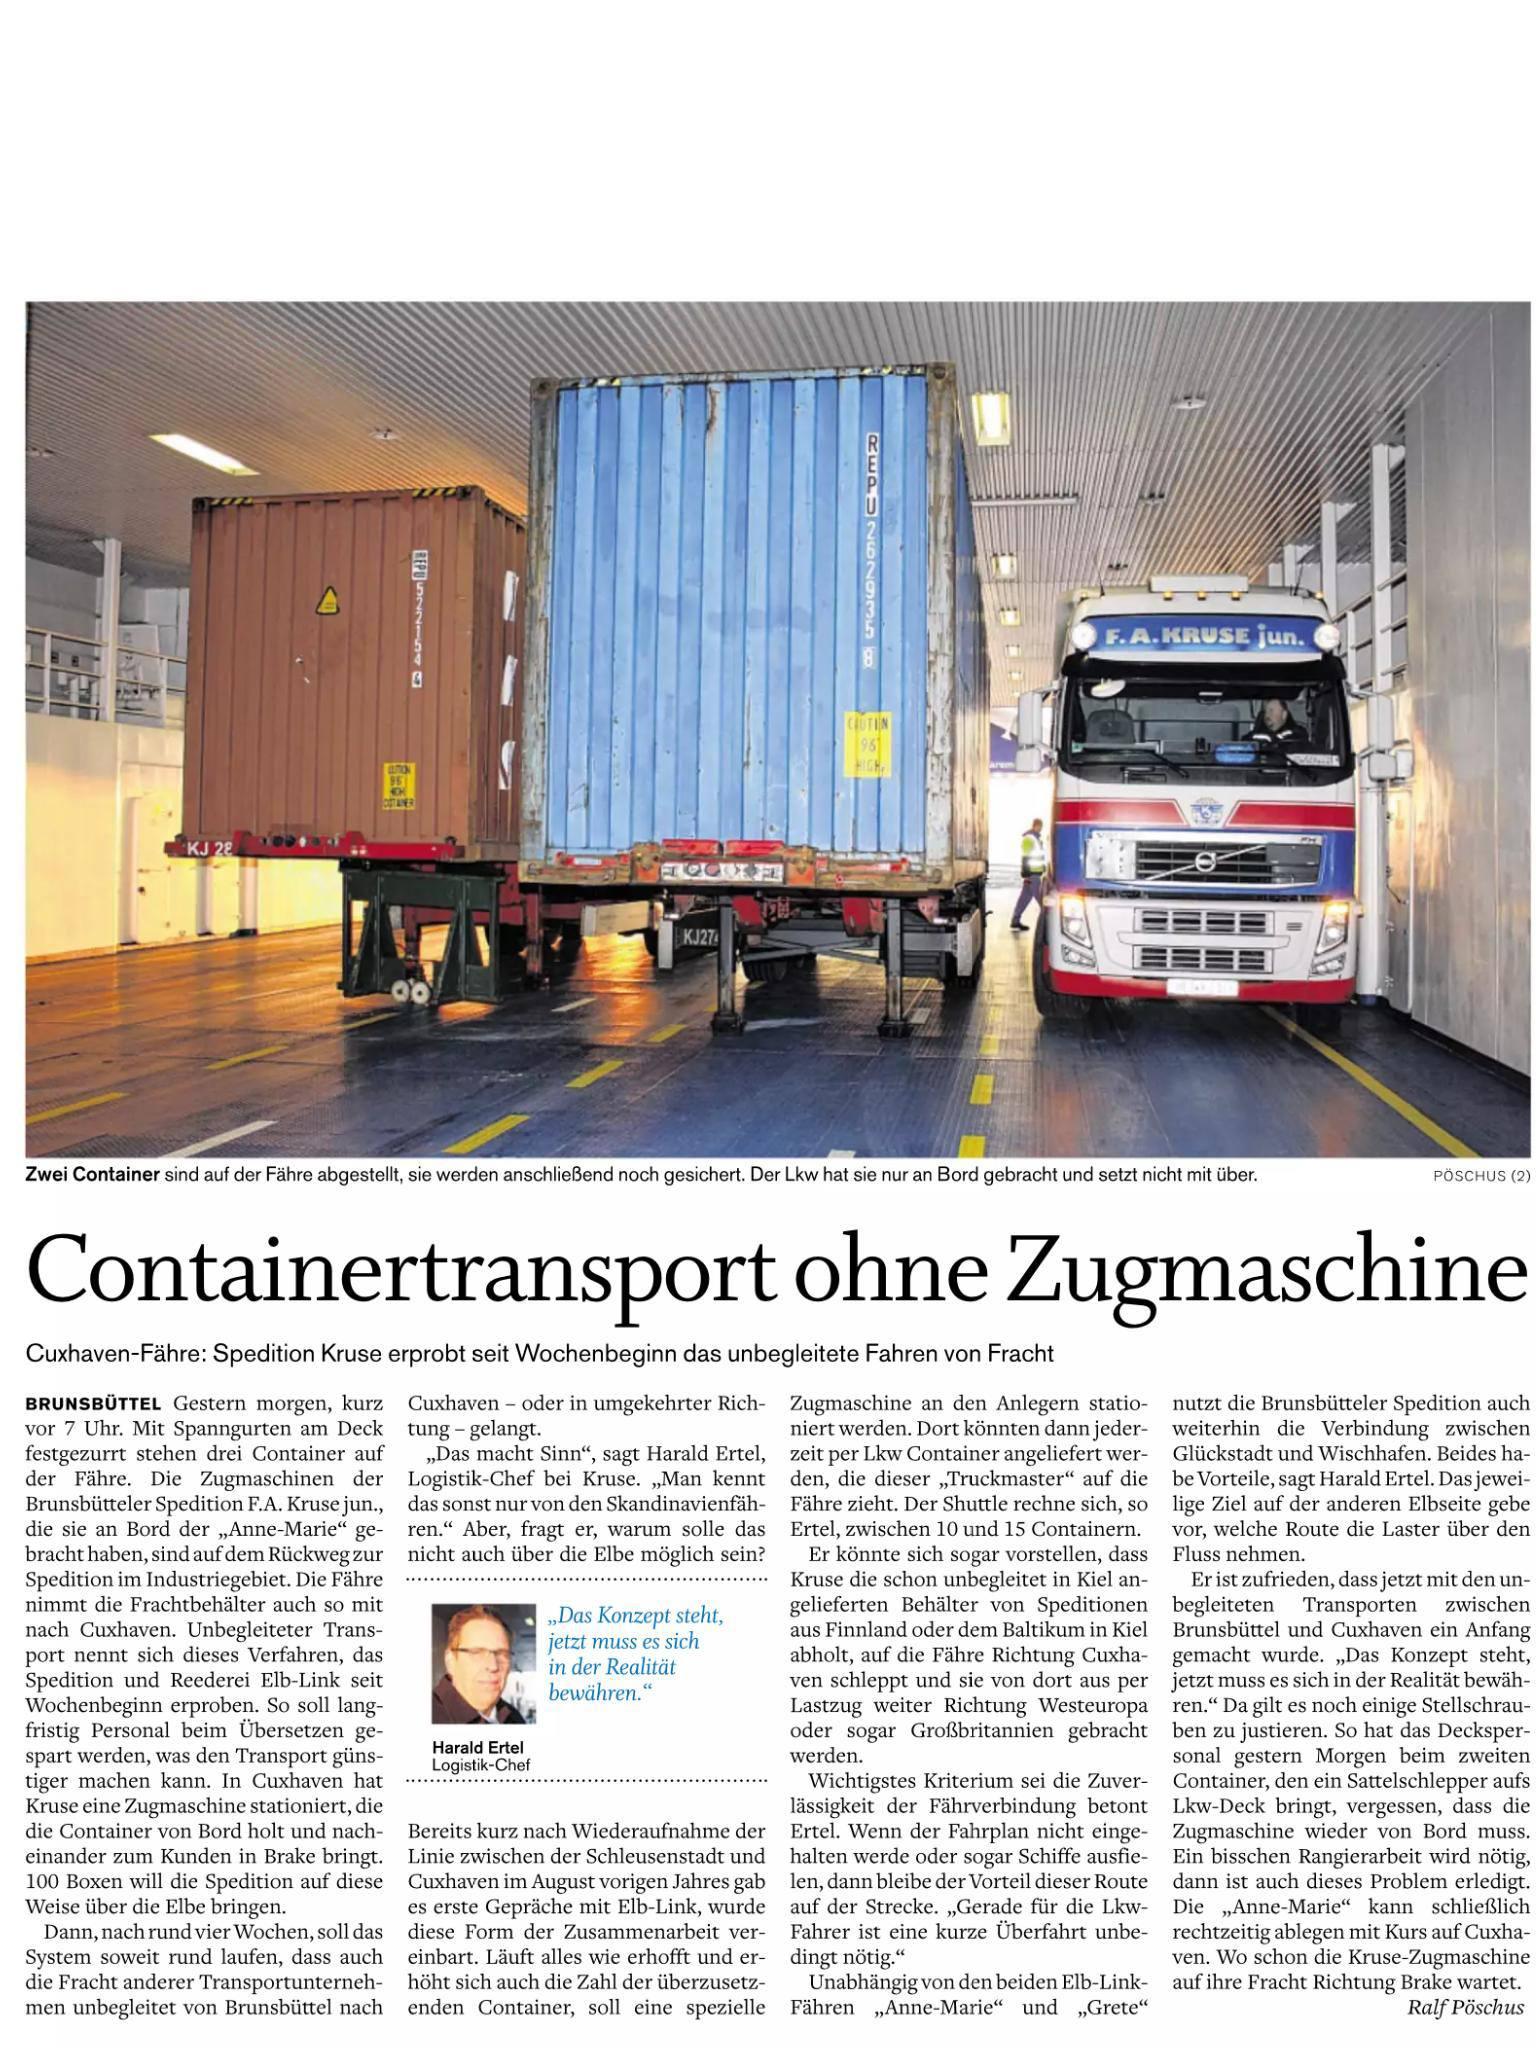 Zeitungsartikel Containertransport ohne Zugmaschine